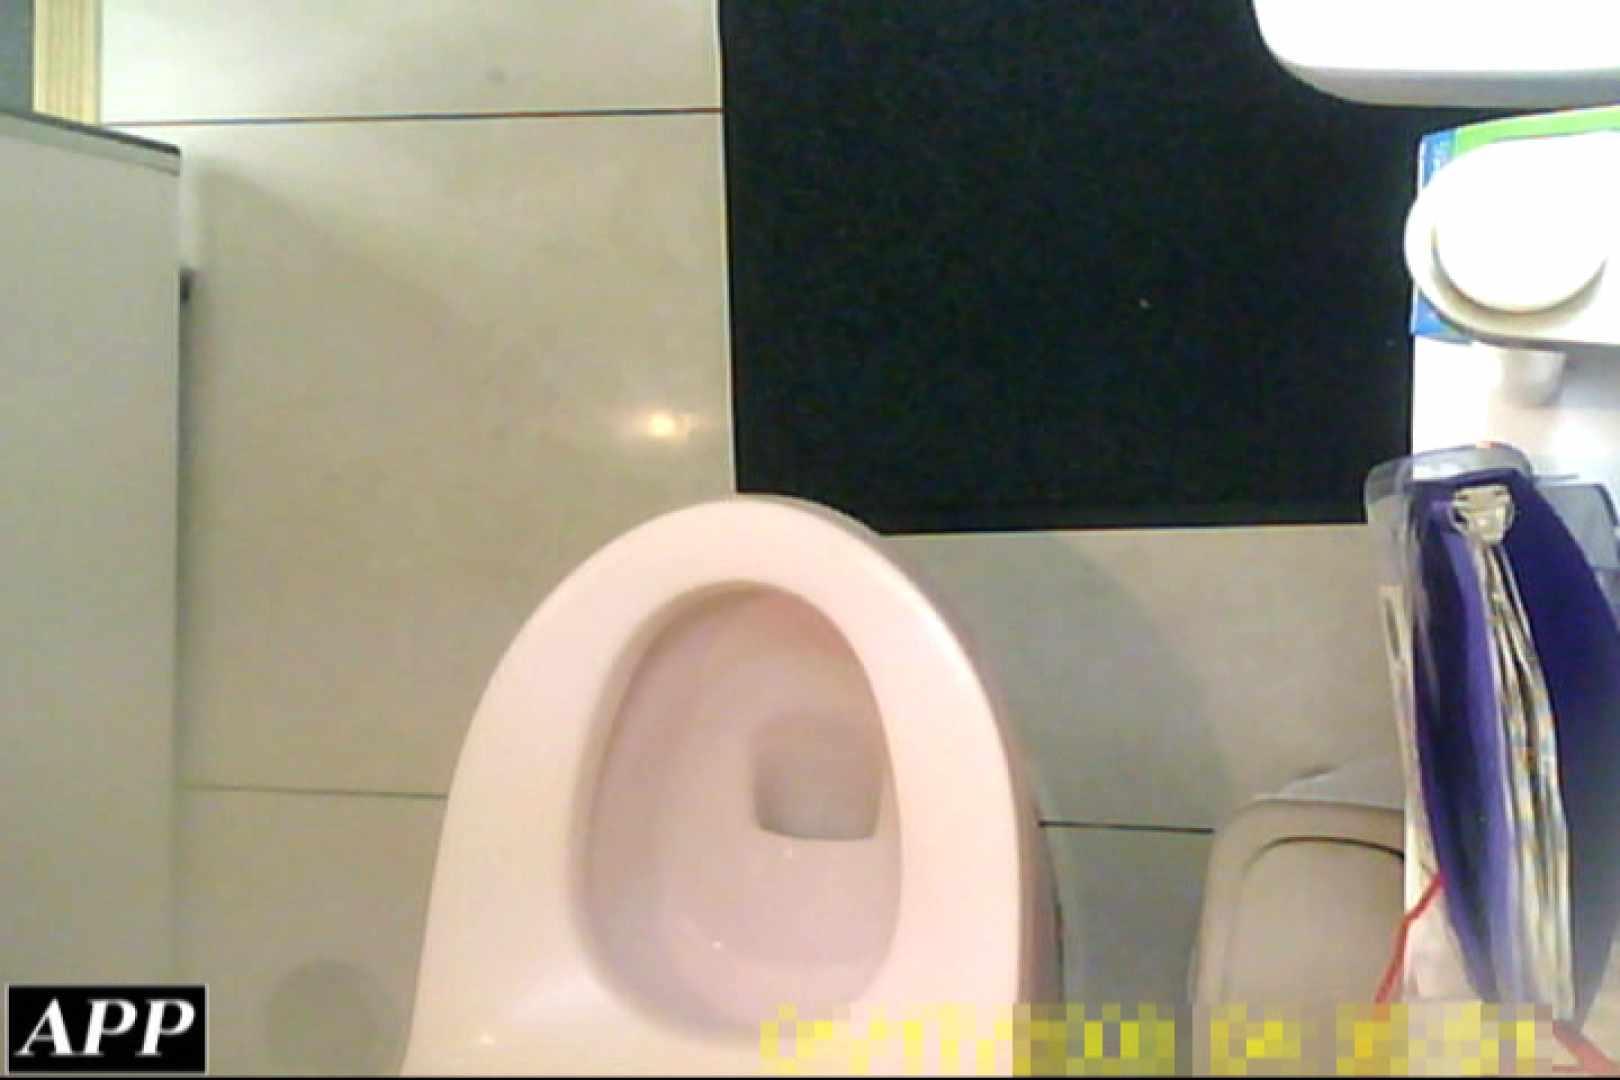 ハメ撮り|3視点洗面所 vol.126|怪盗ジョーカー